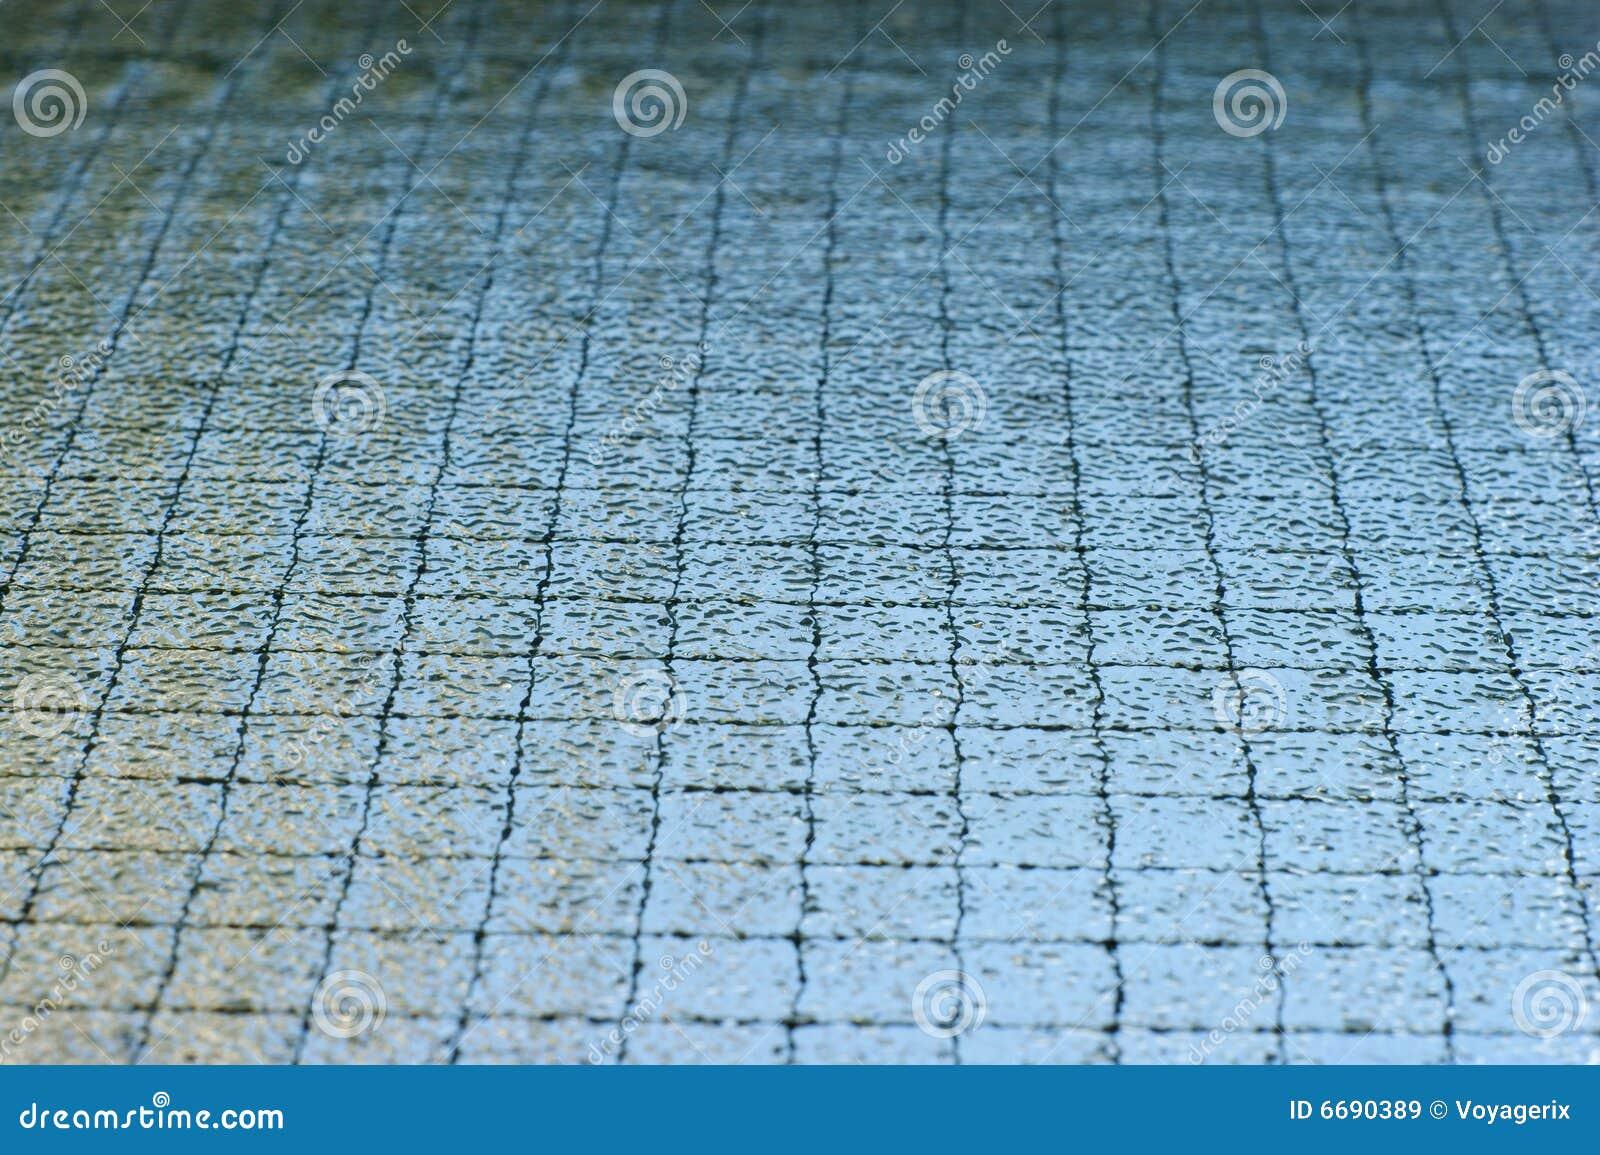 Wunderbar Drahtglas Textur Bilder - Elektrische Schaltplan-Ideen ...